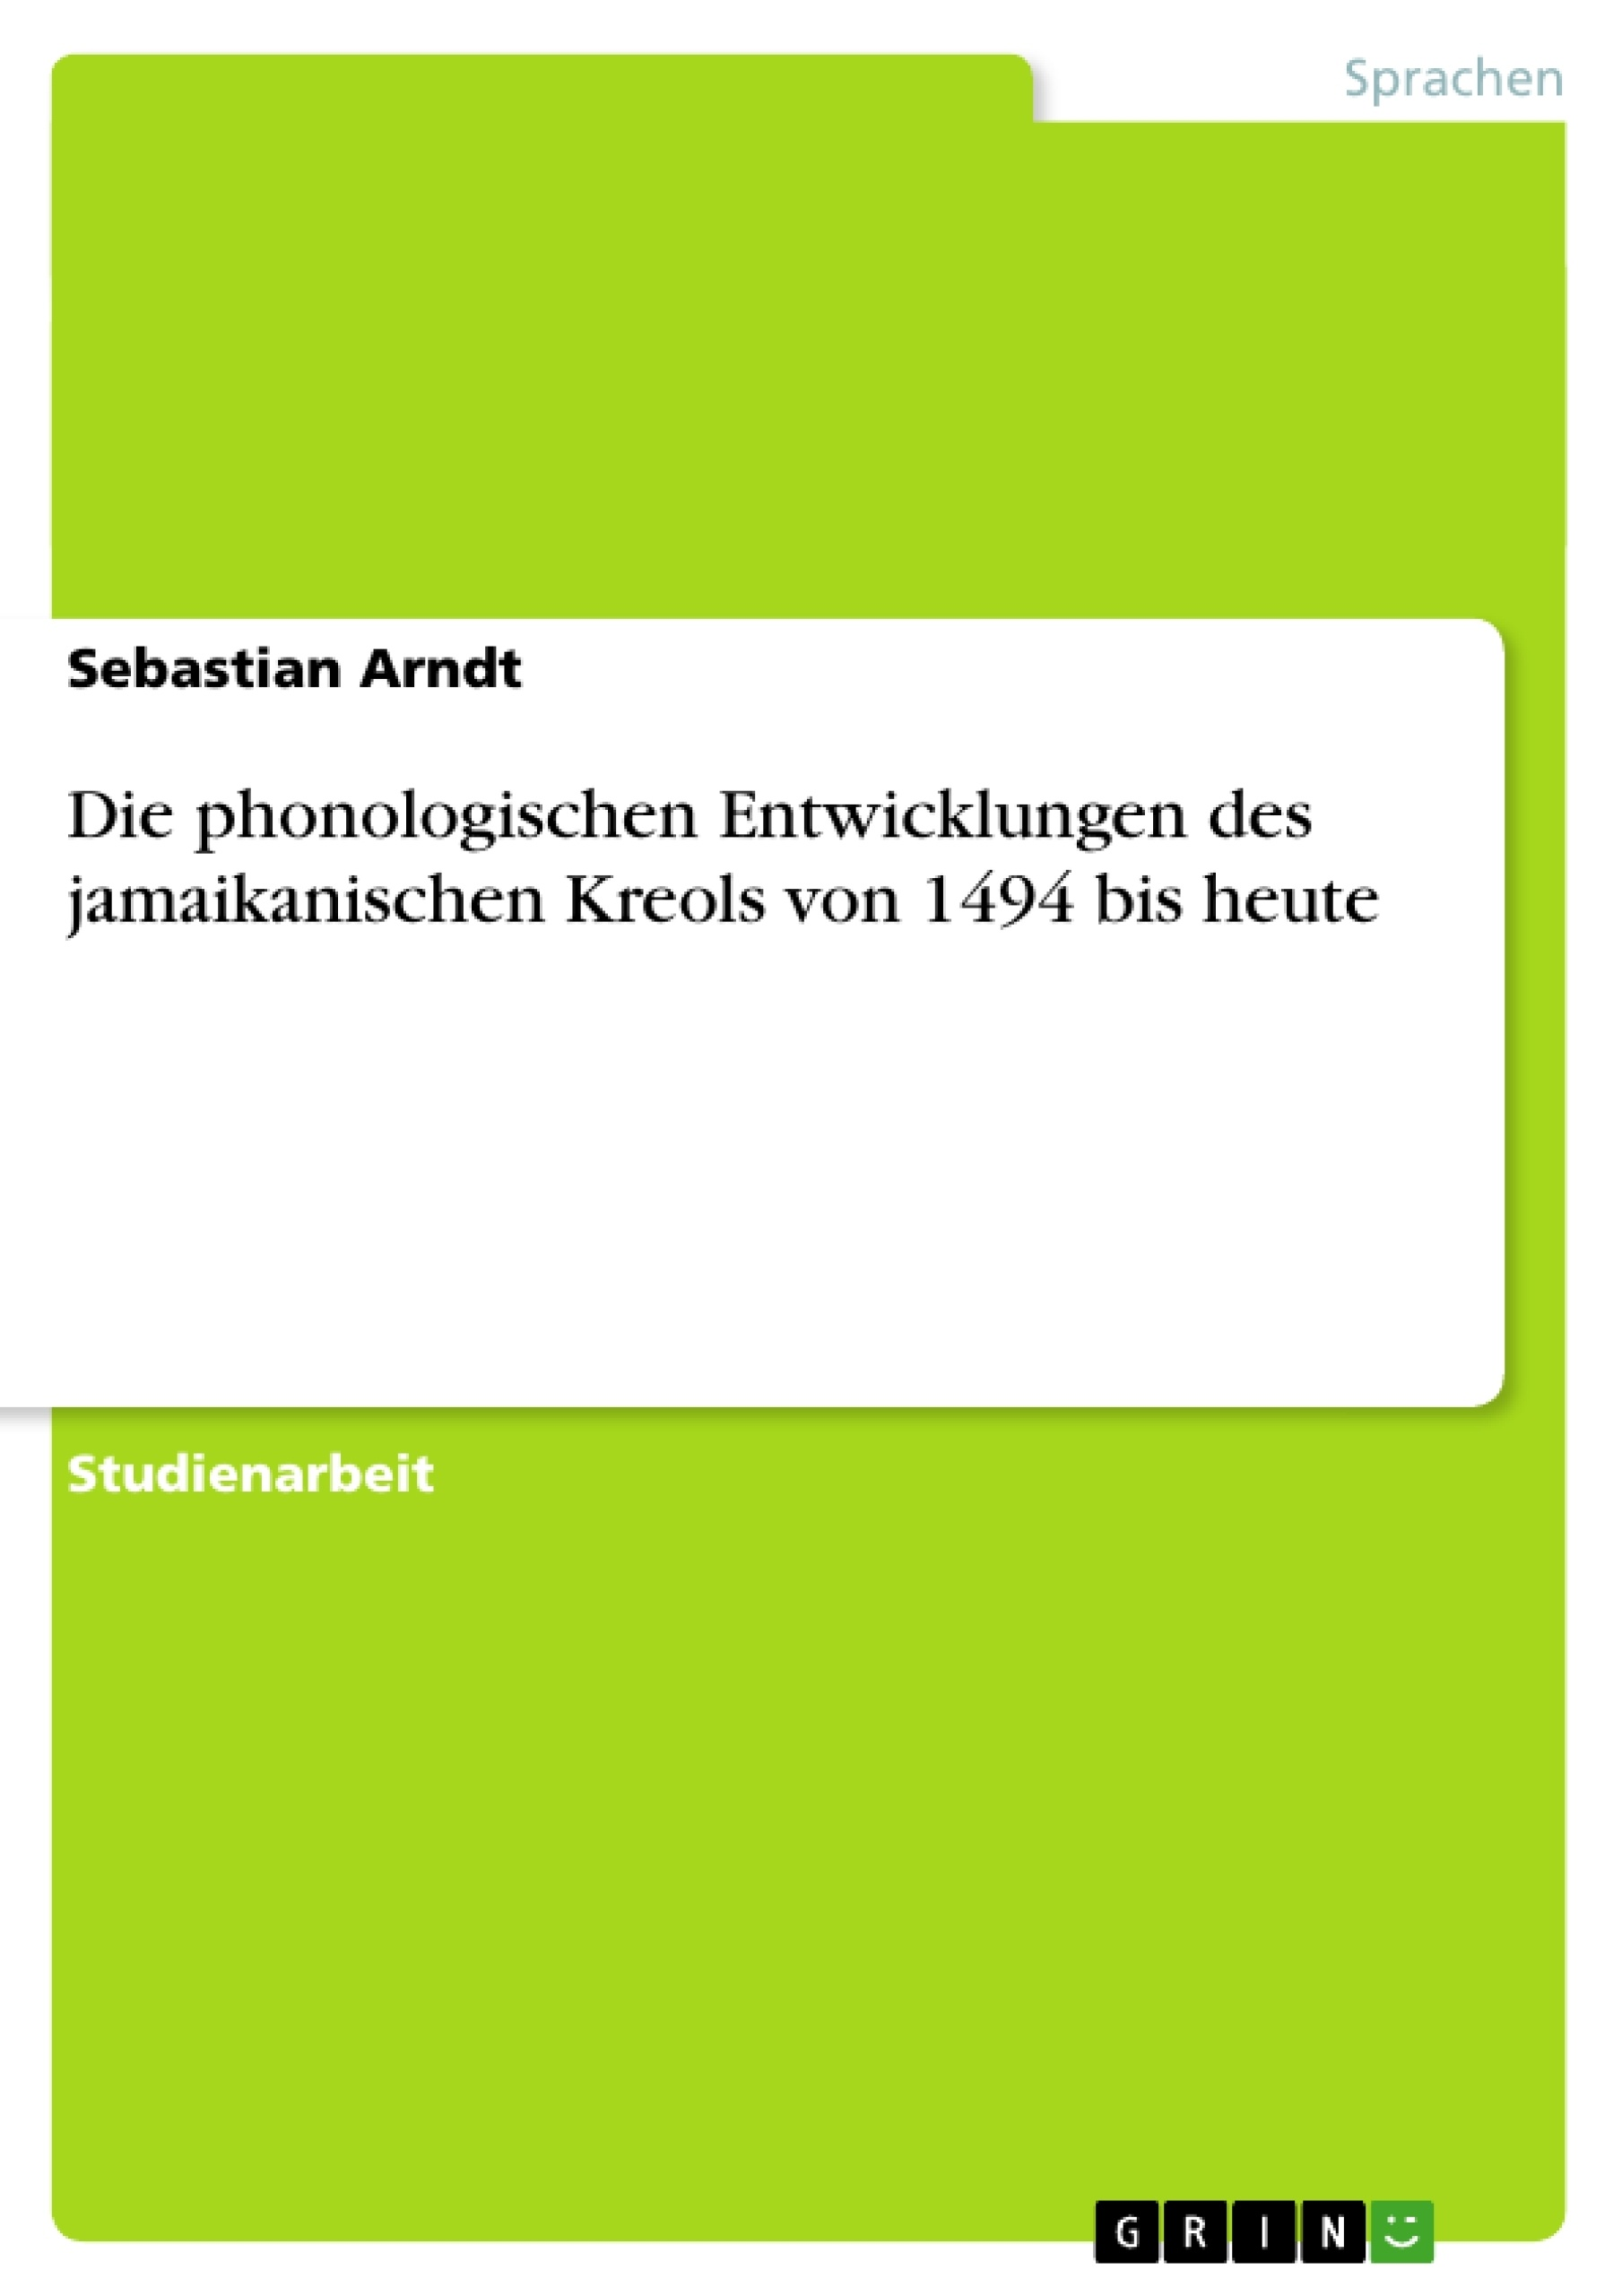 Titel: Die phonologischen Entwicklungen des jamaikanischen Kreols von 1494 bis heute